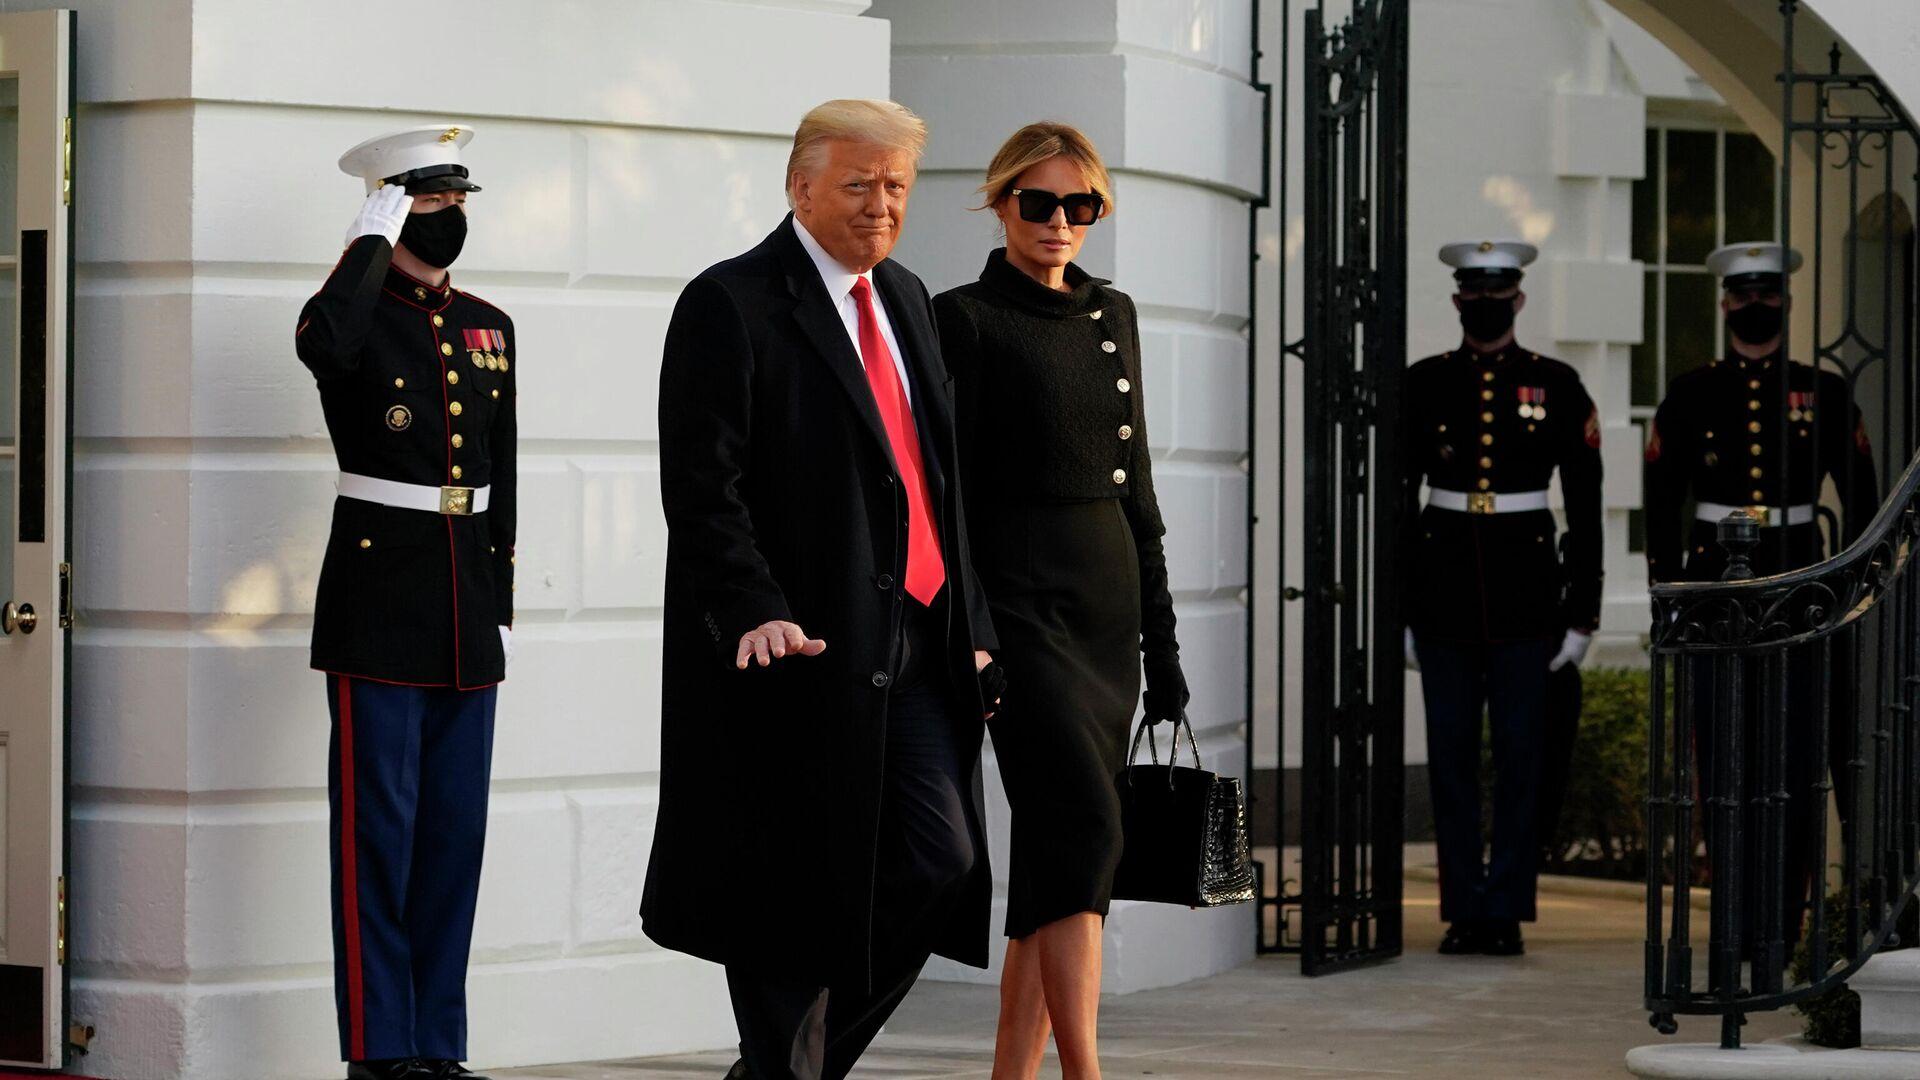 Президент США Дональд Трамп и его супруга Меланья покидают Белый дом - РИА Новости, 1920, 19.05.2021